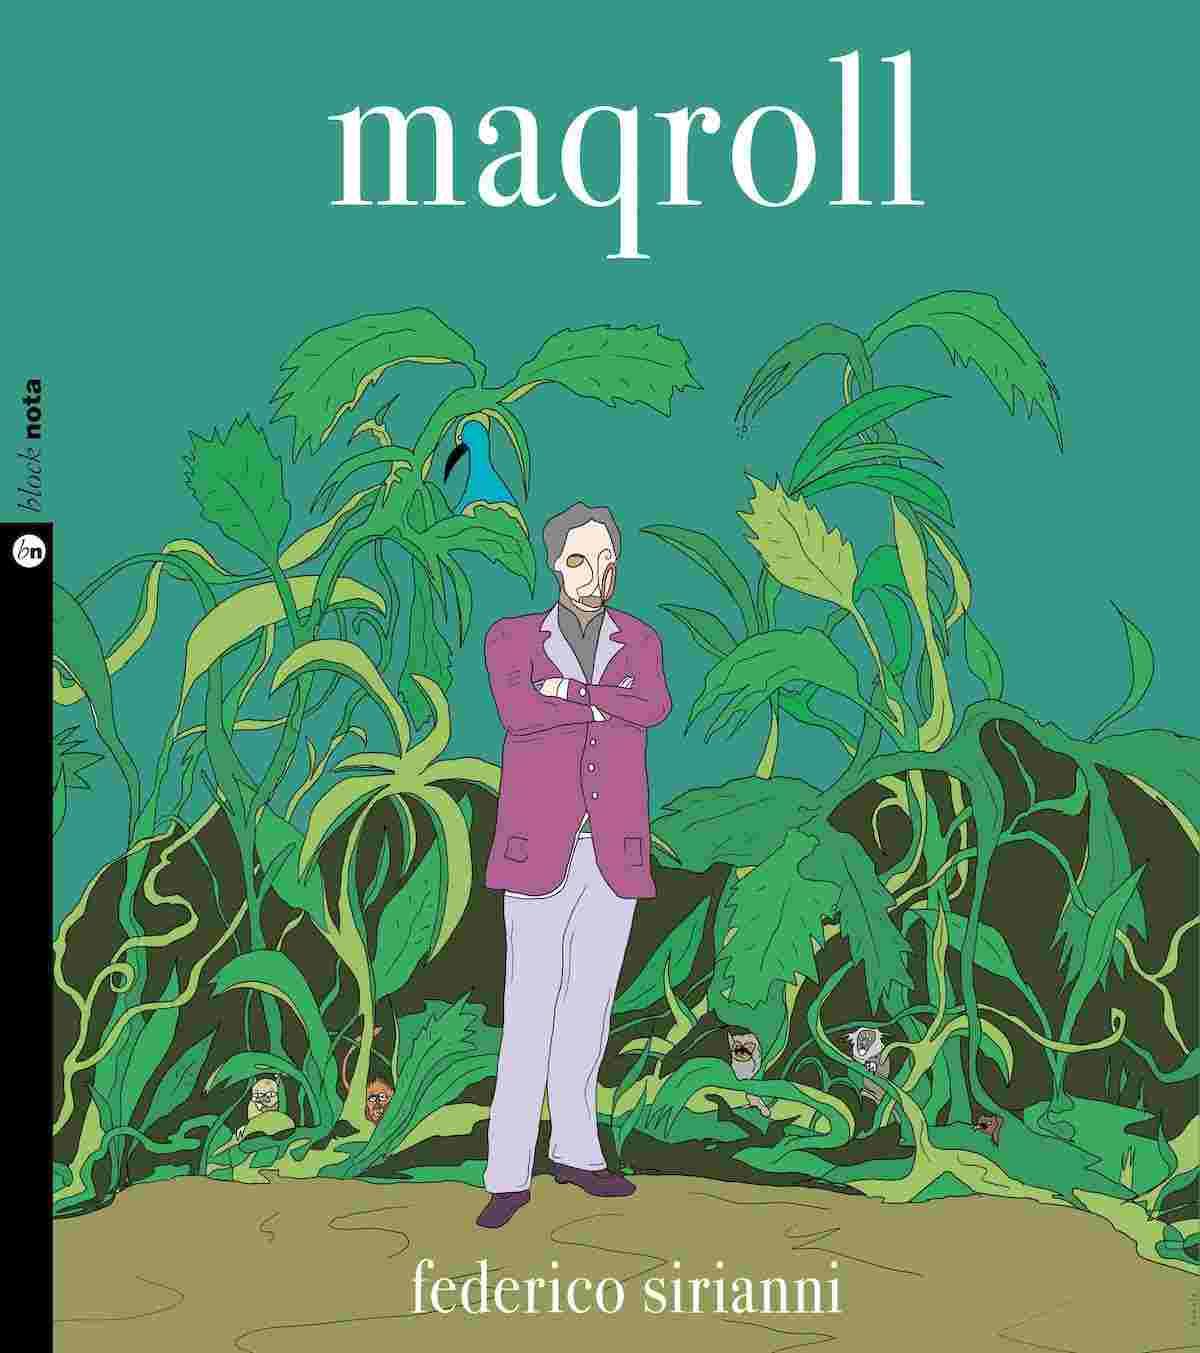 """FEDERICO SIRIANNI, """"Maqroll"""" è il nuovo album liberamente ispirato ai romanzi di Alvaro Mutis"""